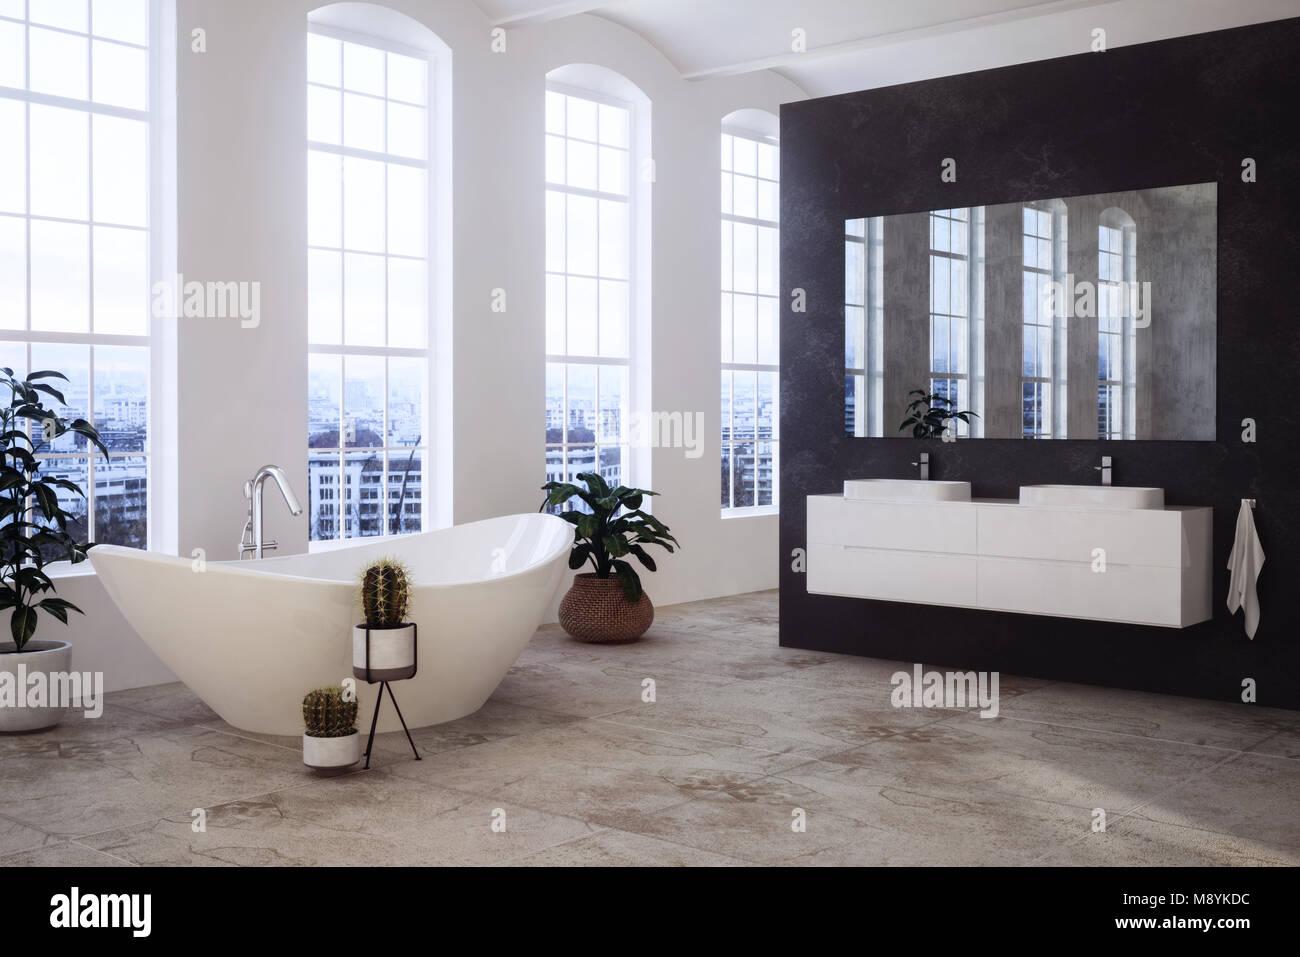 Piastrelle bagni moderni immagini cool piastrelle bagni moderni